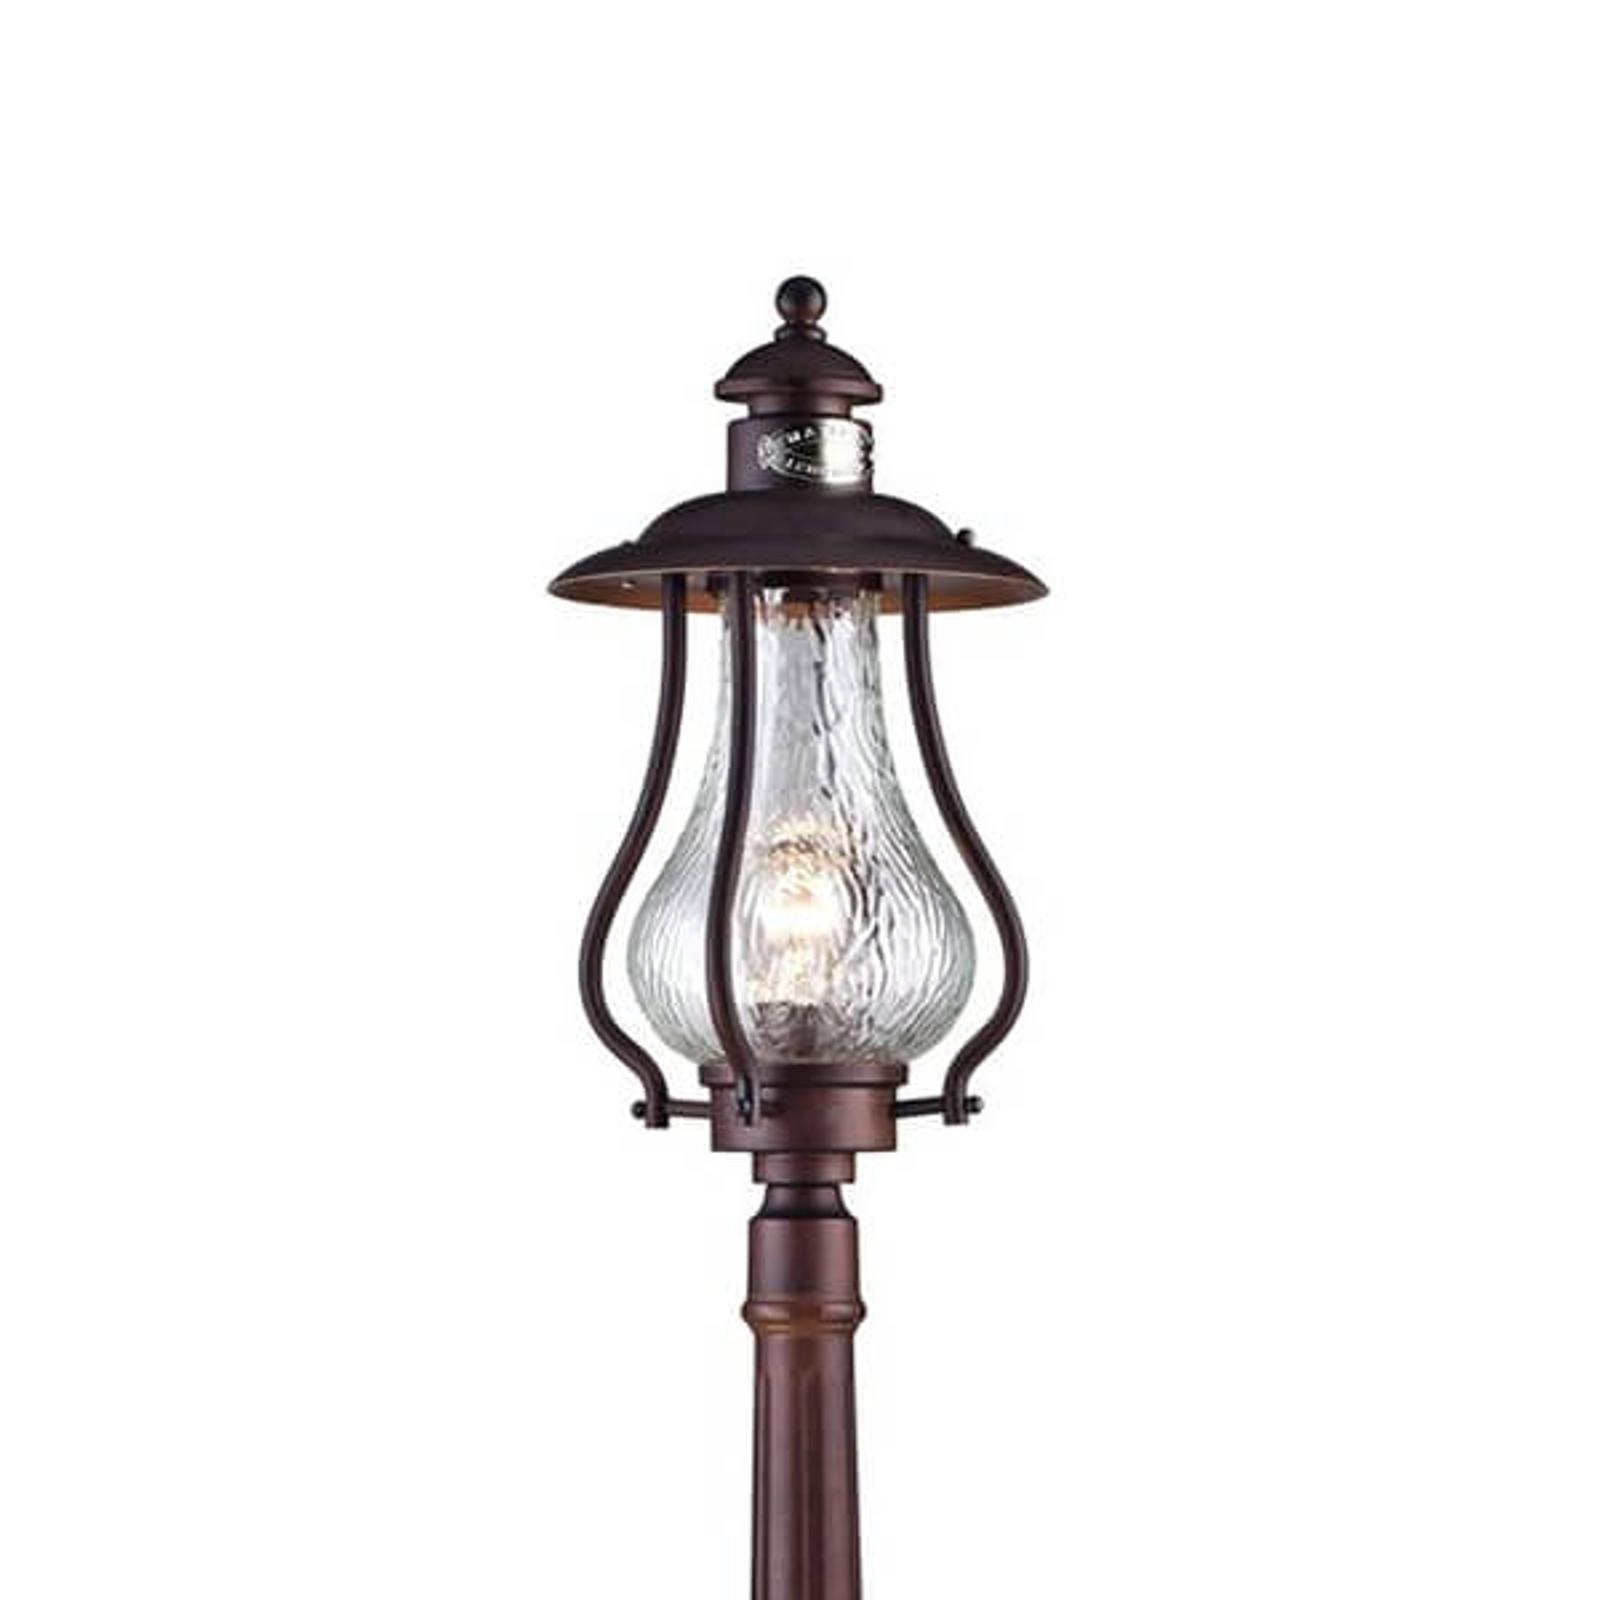 Lampada per esterni decorativa La Rambla